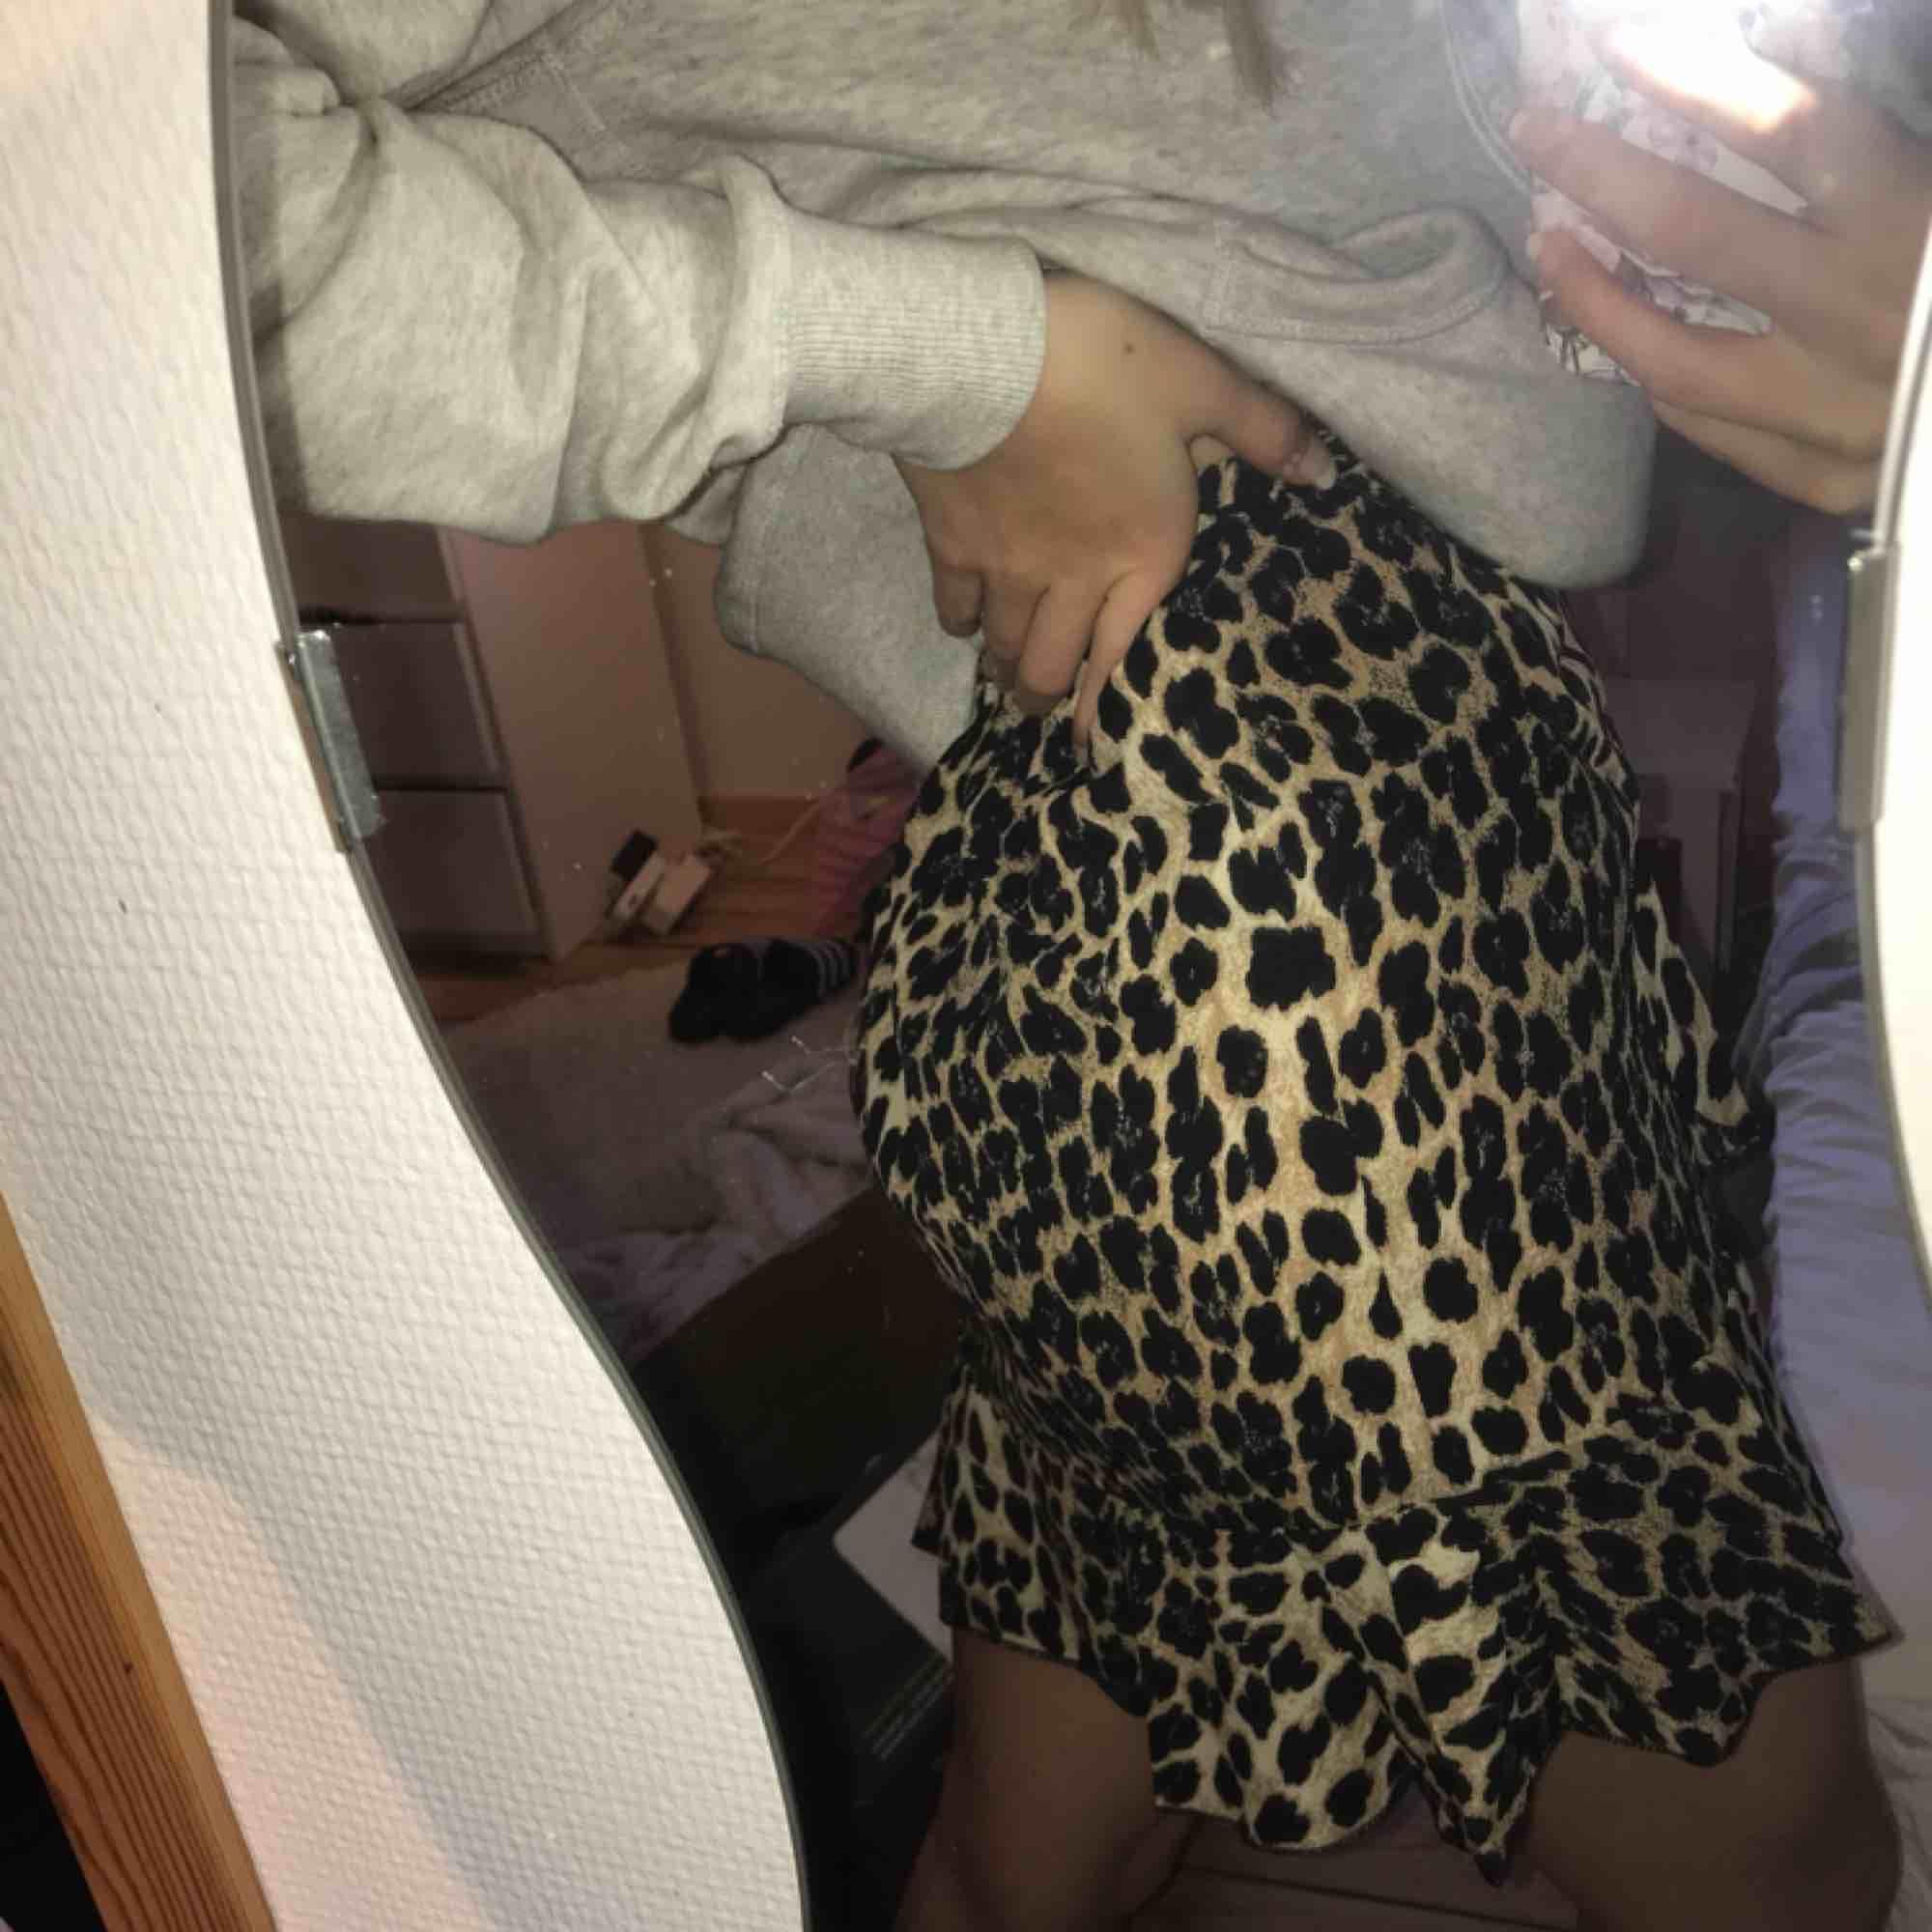 Jättefin helt ny kjol som jag råkade beställa 3 av (fråga inte hur jag lyckades haha). Perfekt till sommaren. Finns två styckna. Köparen står för frakt (ca 50kr). Kjolar.